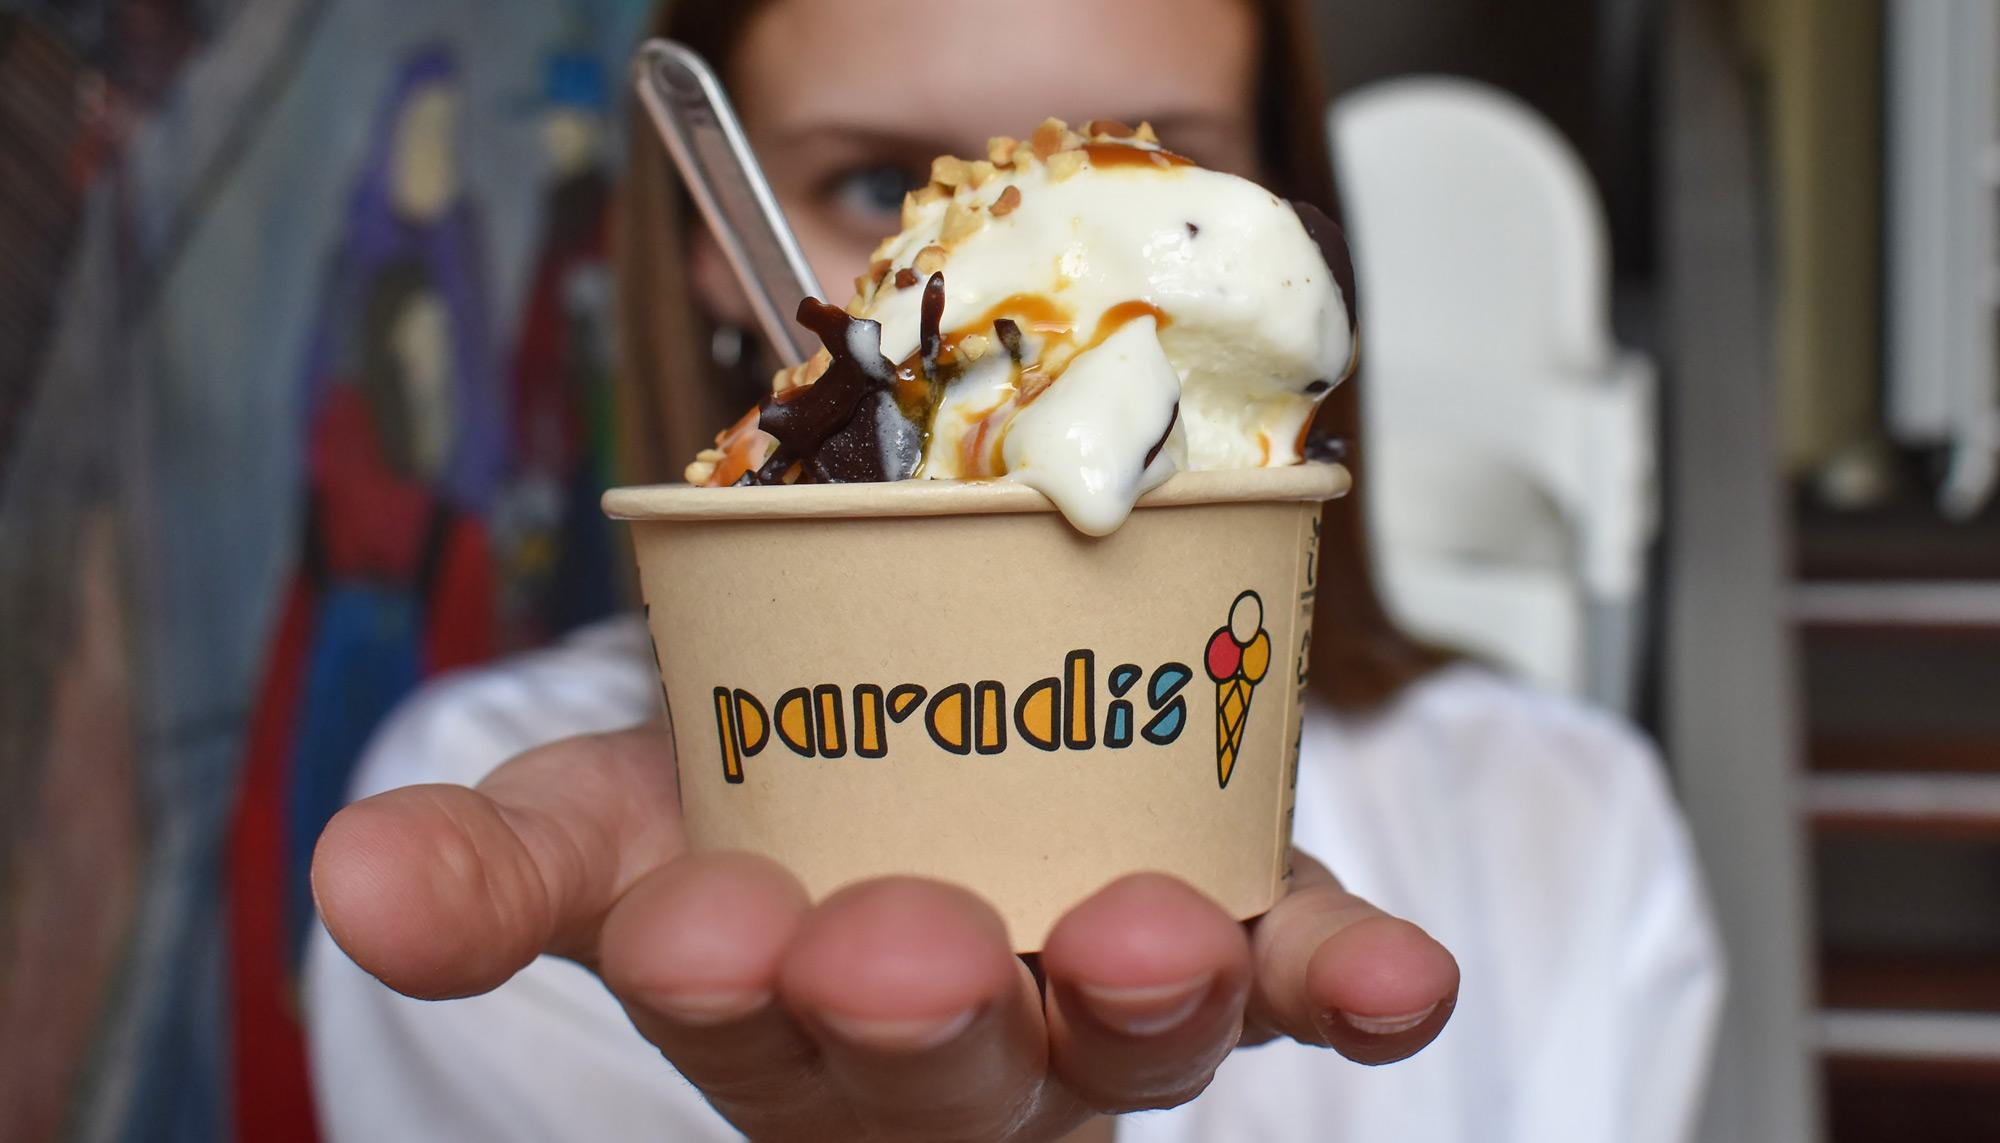 Lokalt samarbejde hitter: Få gratis Paradis-is hos Spiret i hele juli